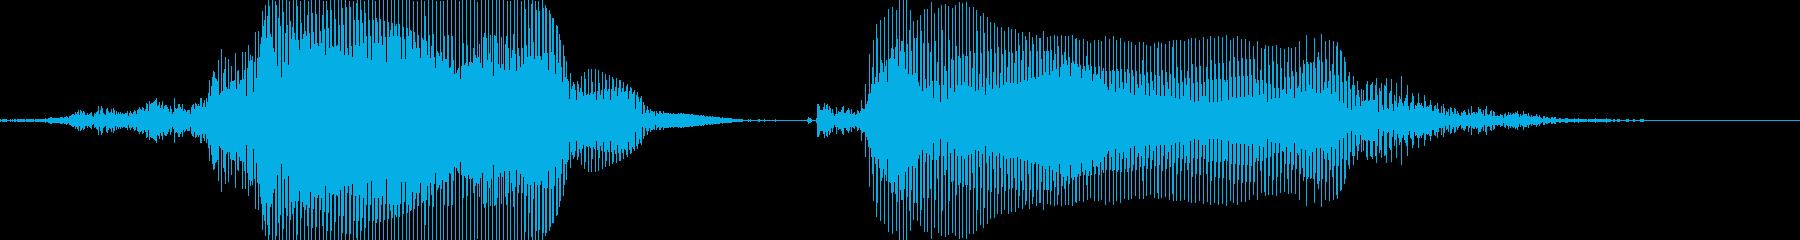 サンキュー!の再生済みの波形